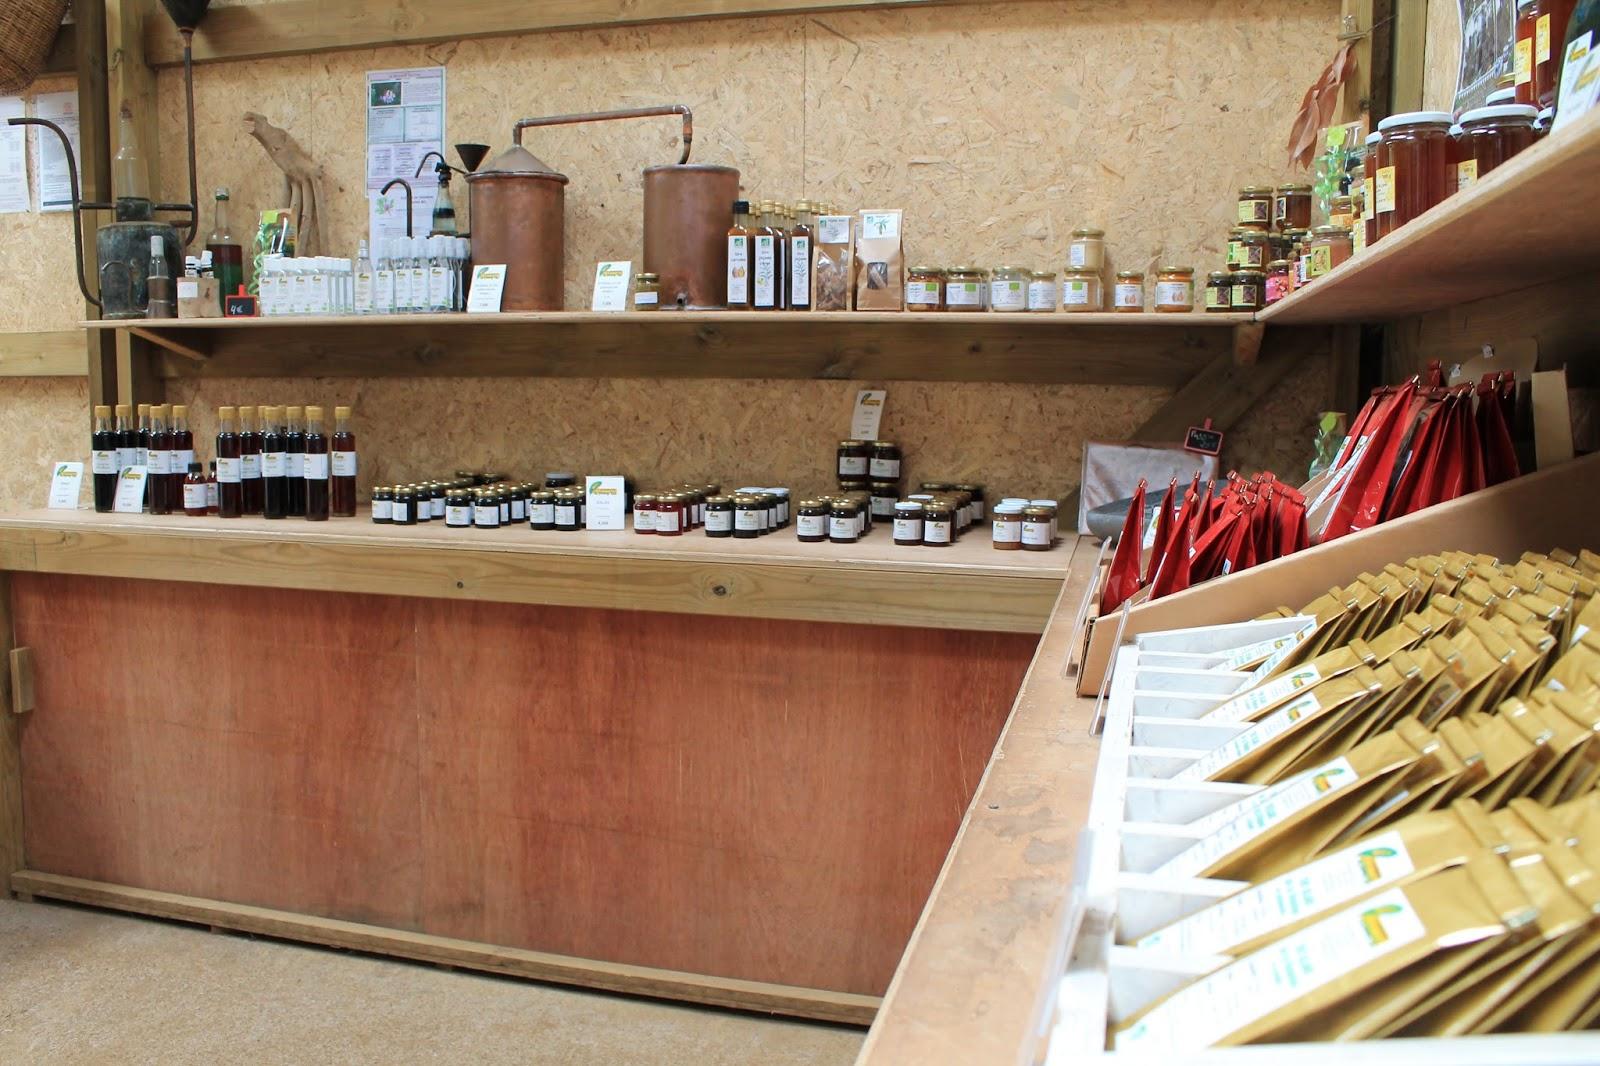 réunion île gotoreunion labyrinthe en champ thé tea grand coude visite à faire jumbocar irt tourisme 974 boutique blanc vert géranium gelée